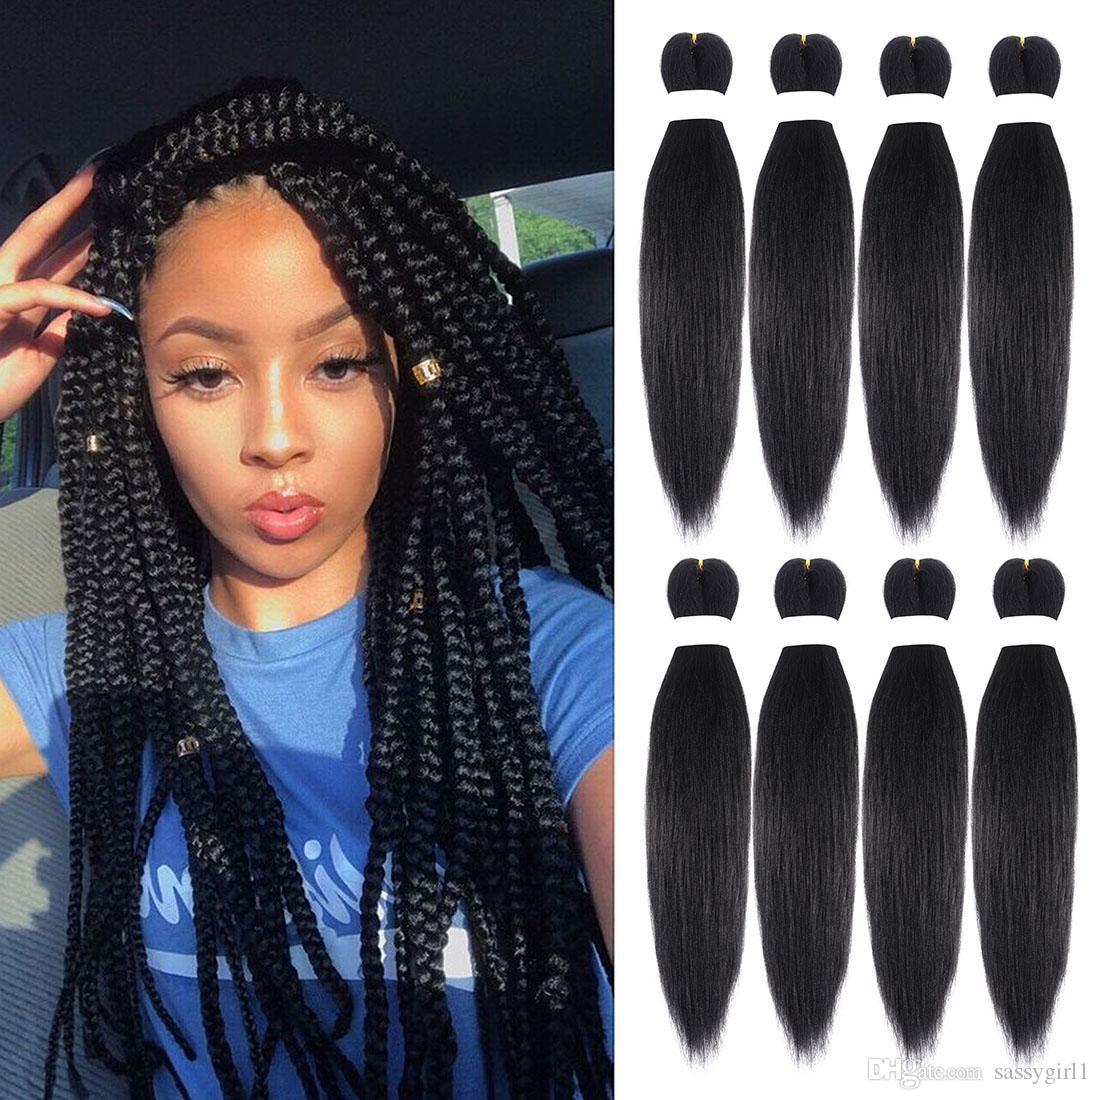 Tressage Cheveux 8packs / lot Pré-étiré Cou Perm Tresses Perm Yaki EZ Ombre Couleur 20 Pouces Jumbo Multicolor Sélection